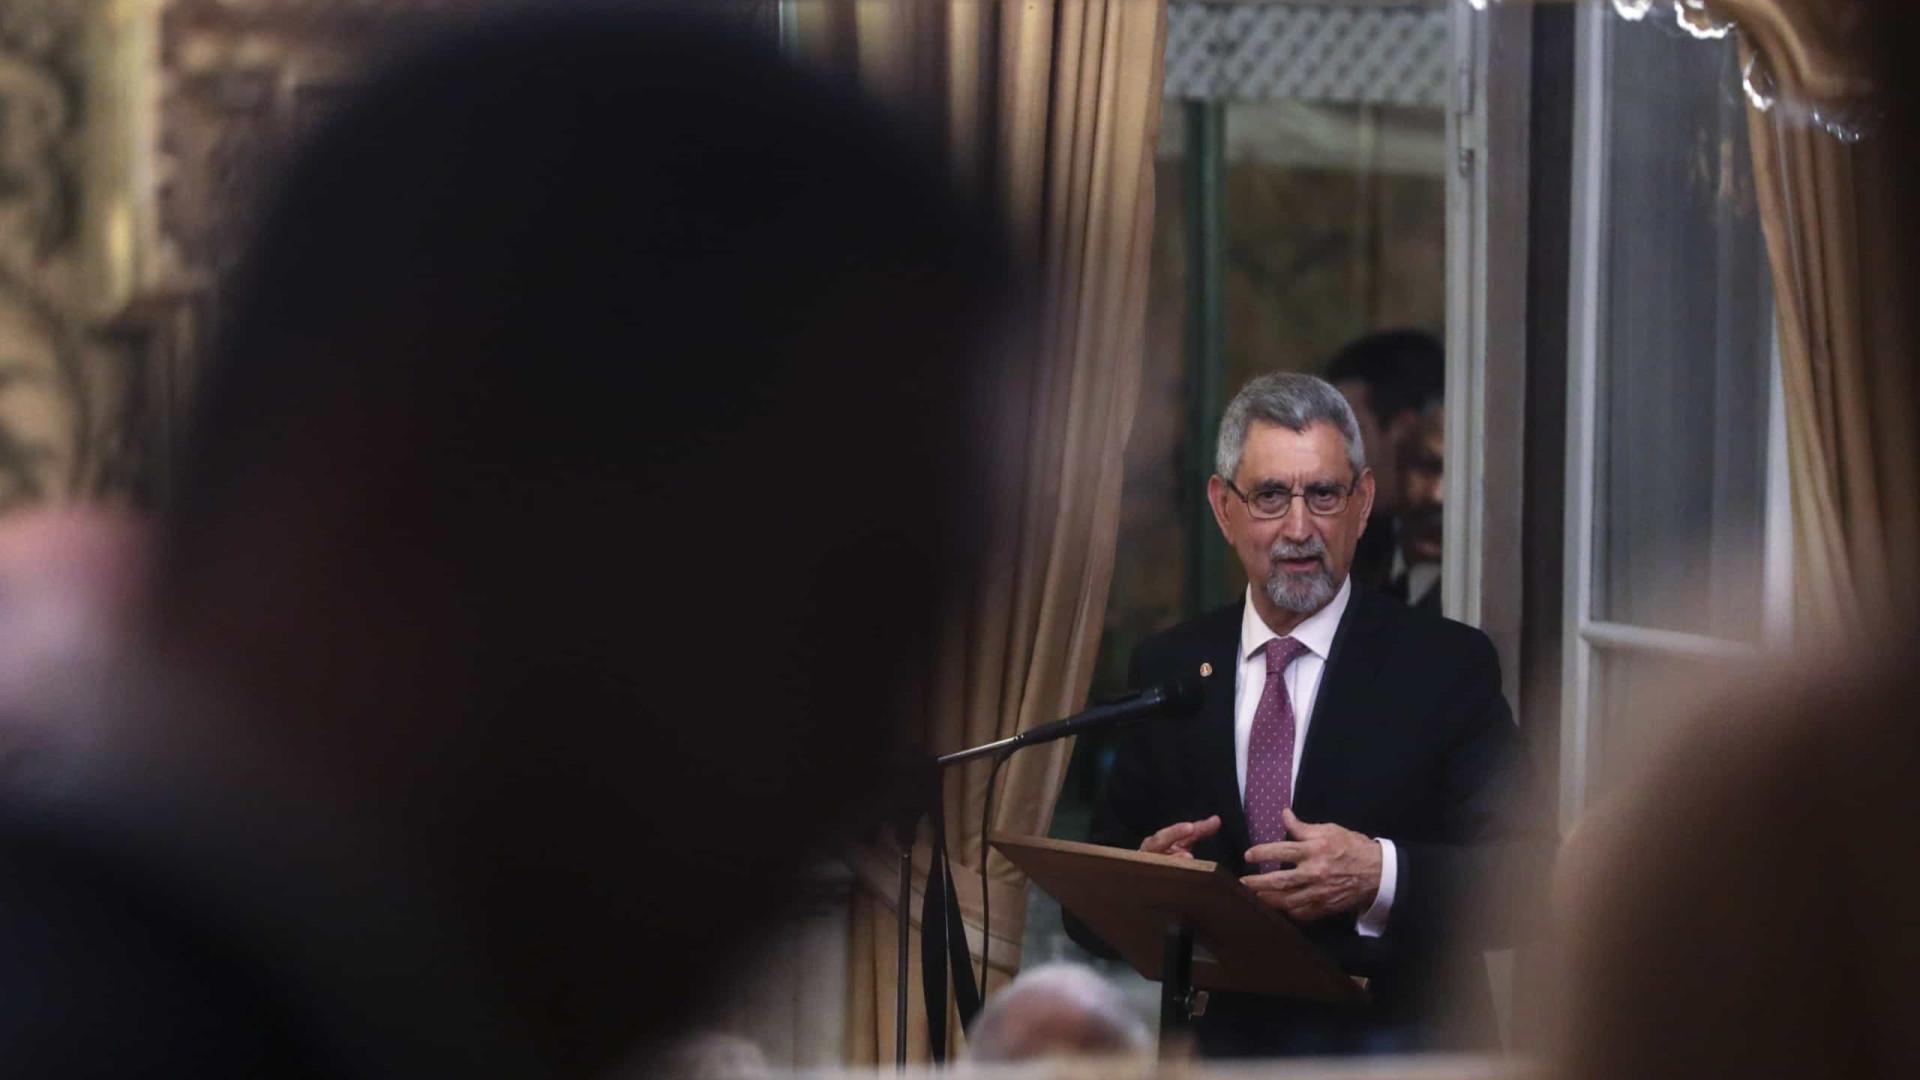 Presidente pede envolvimento da sociedade na revisão da Constituição